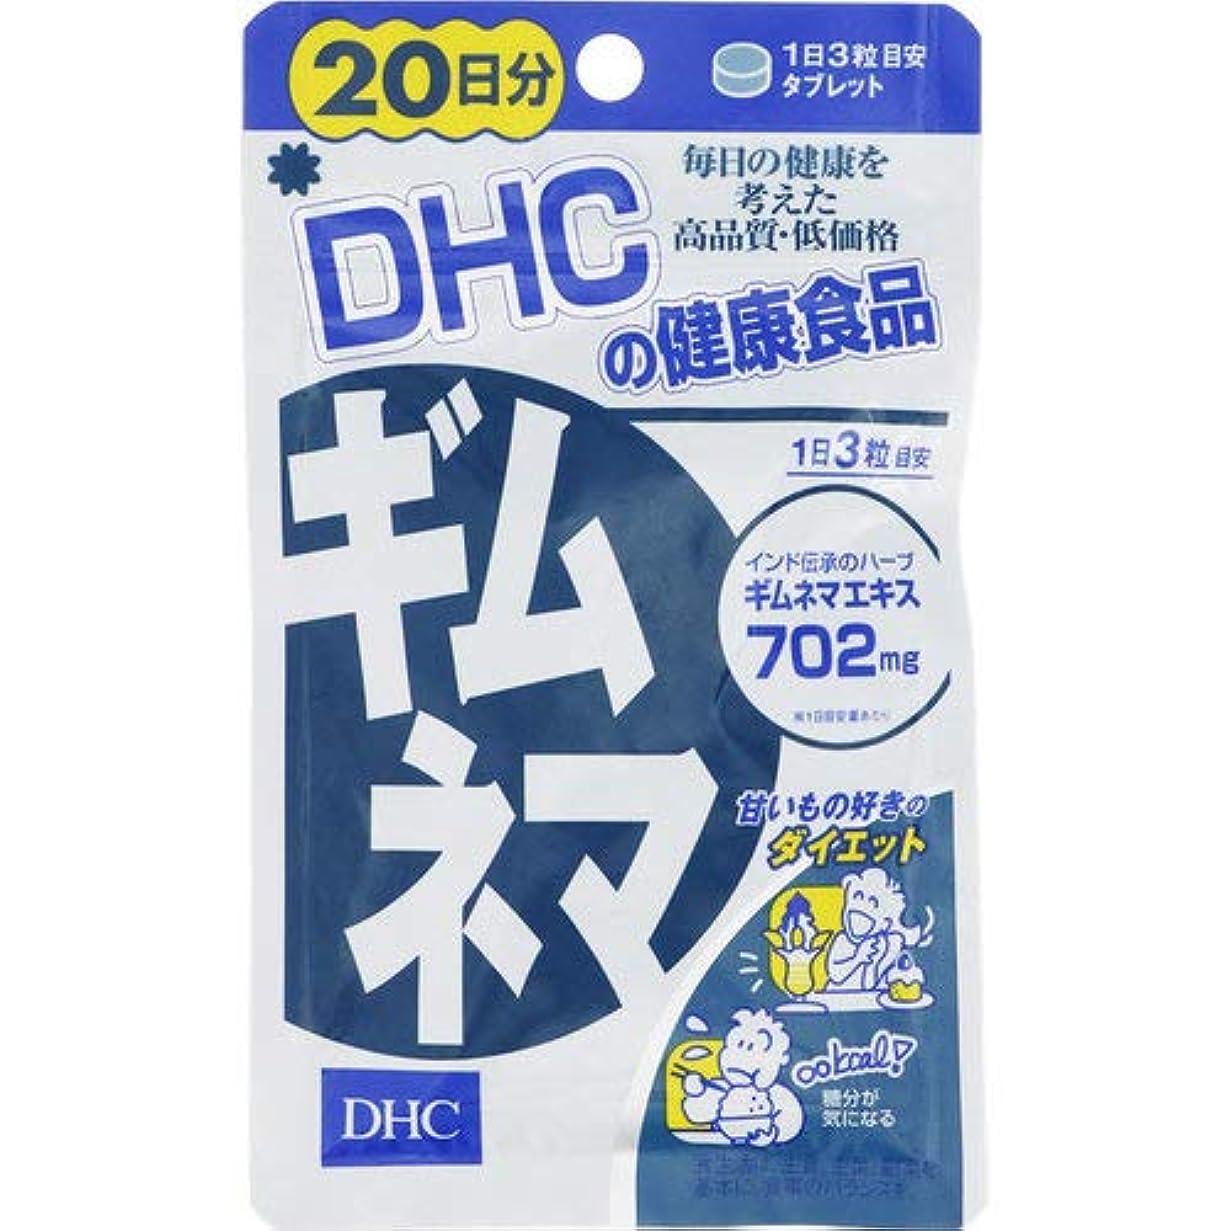 感覚プログラム恐ろしい【DHC】ギムネマ 20日分 (60粒)